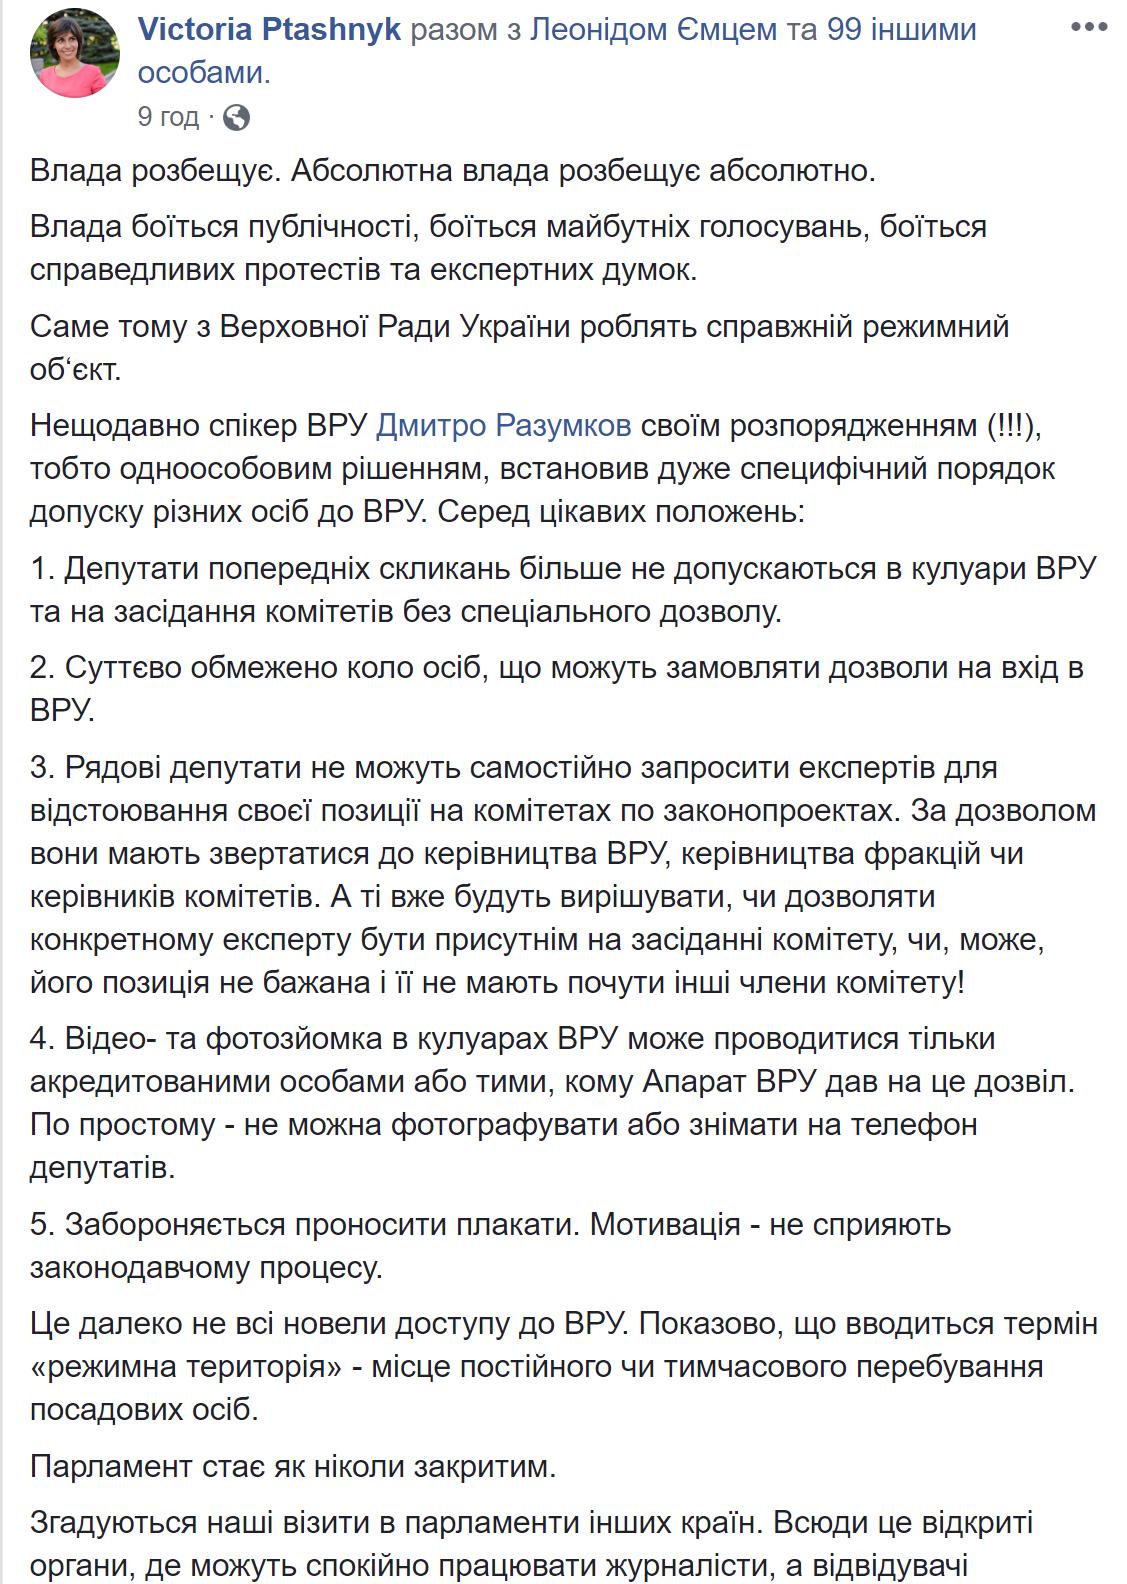 Разумков закрыл для экс-нардепов доступ в кулуары Рады